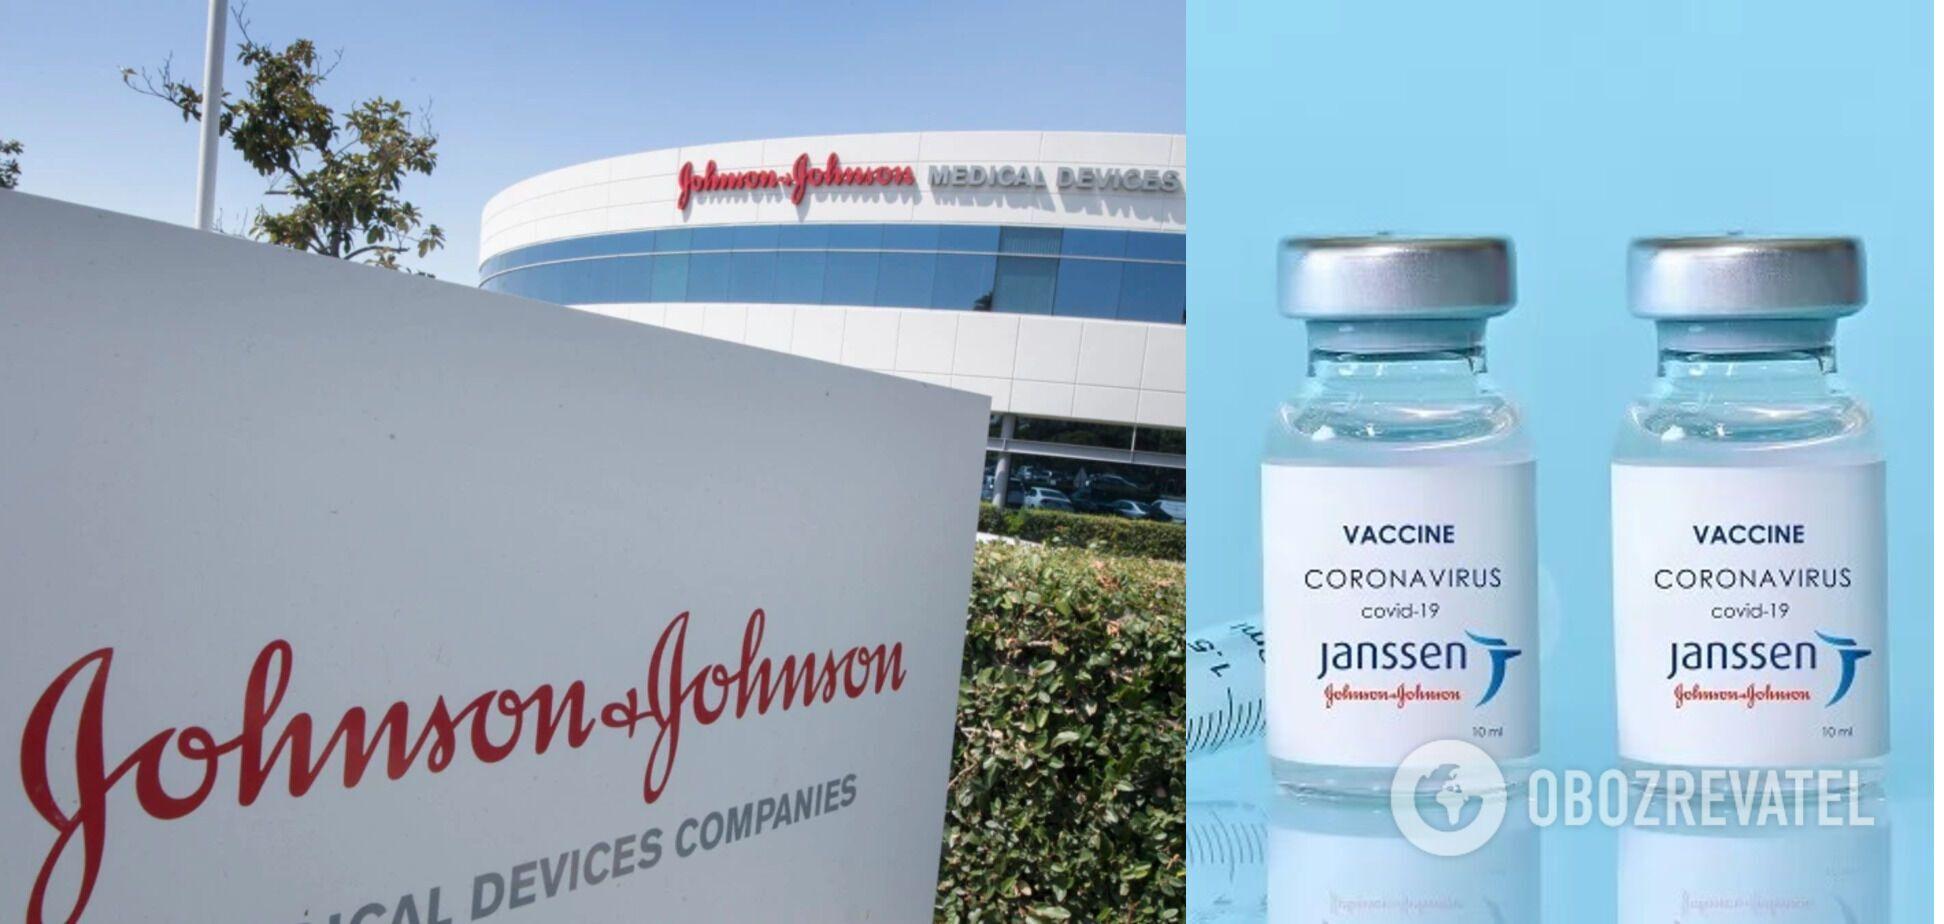 У Johnson&Johnson заявили, що кількість випадків СГБ після щеплення їхньою вакциною незначна